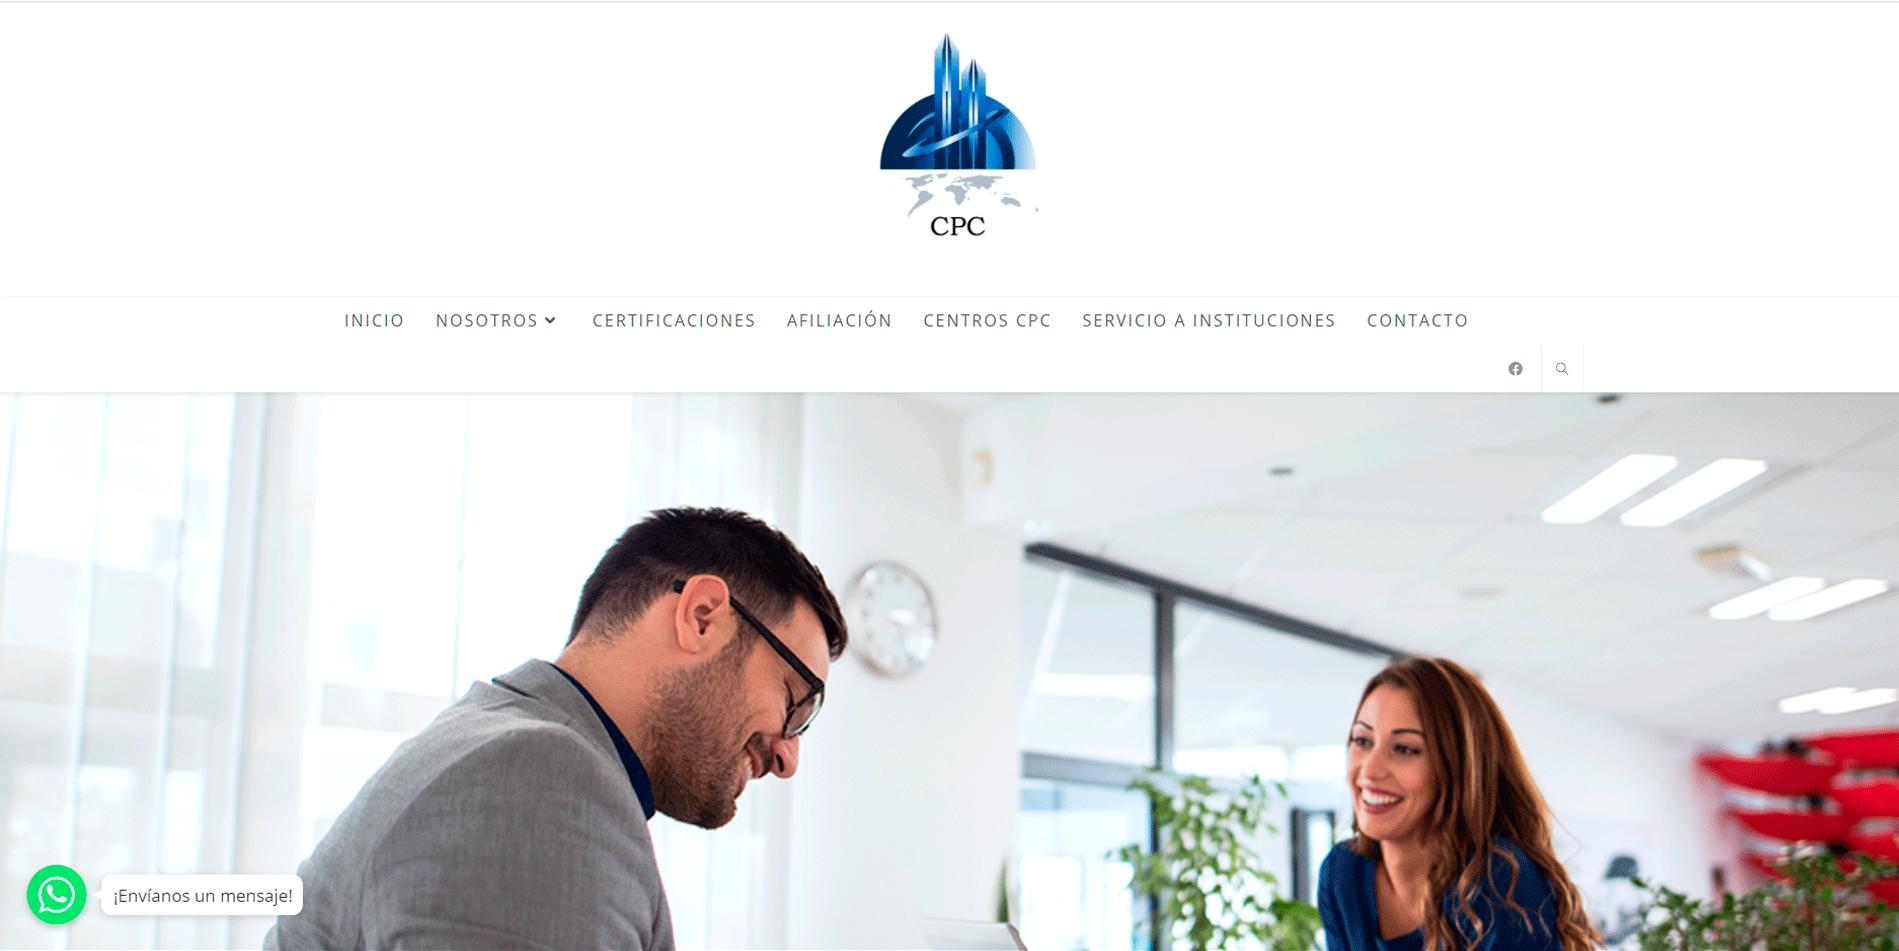 Páginas web en Ciudad de México 2021